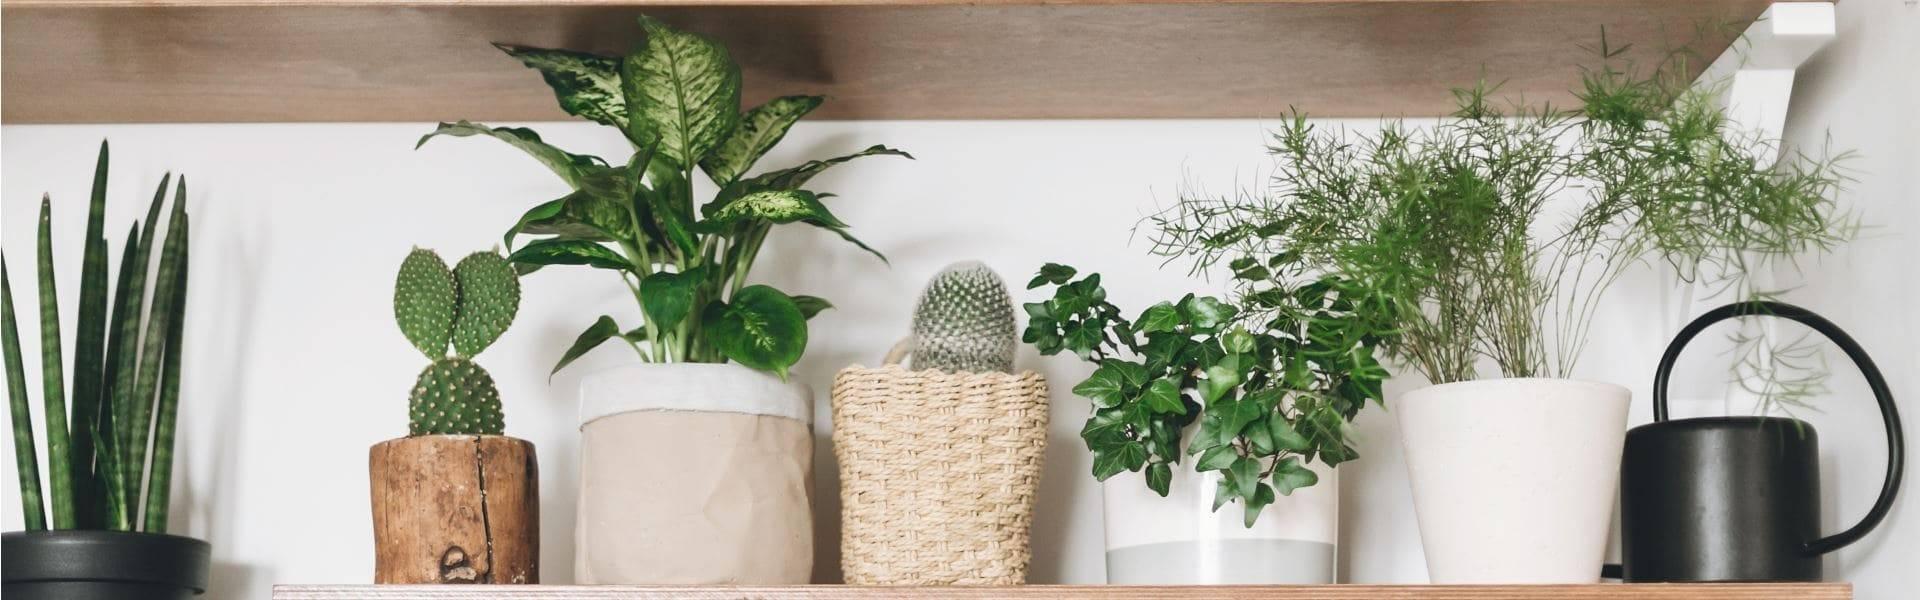 Фиалки в доме: хорошо или плохо, приметы и суеверия, можно ли держать